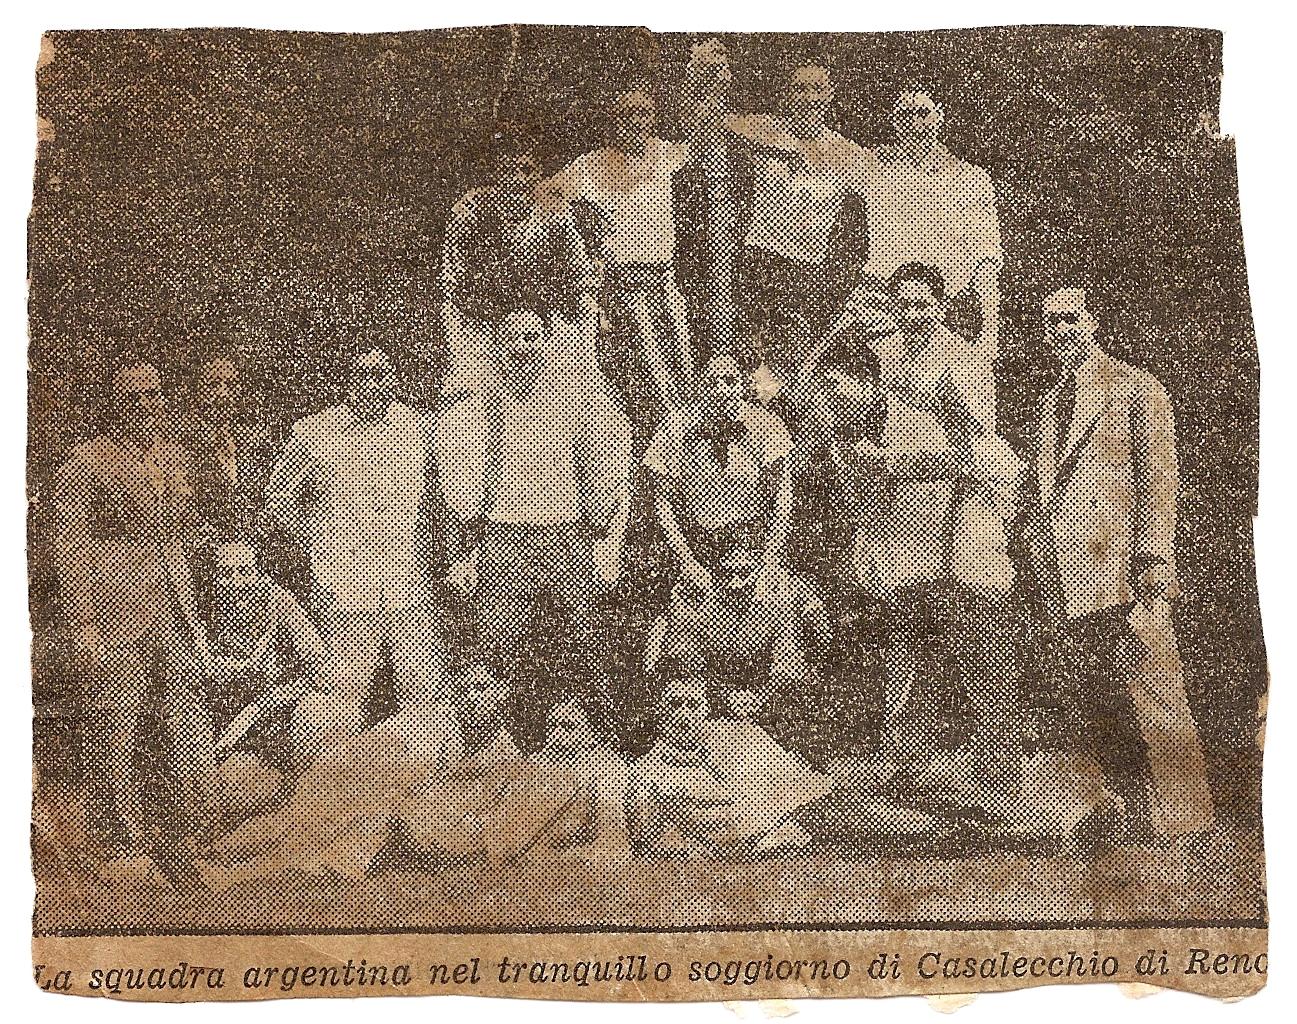 La nazionale argentina durante il ritiro a Casalecchio